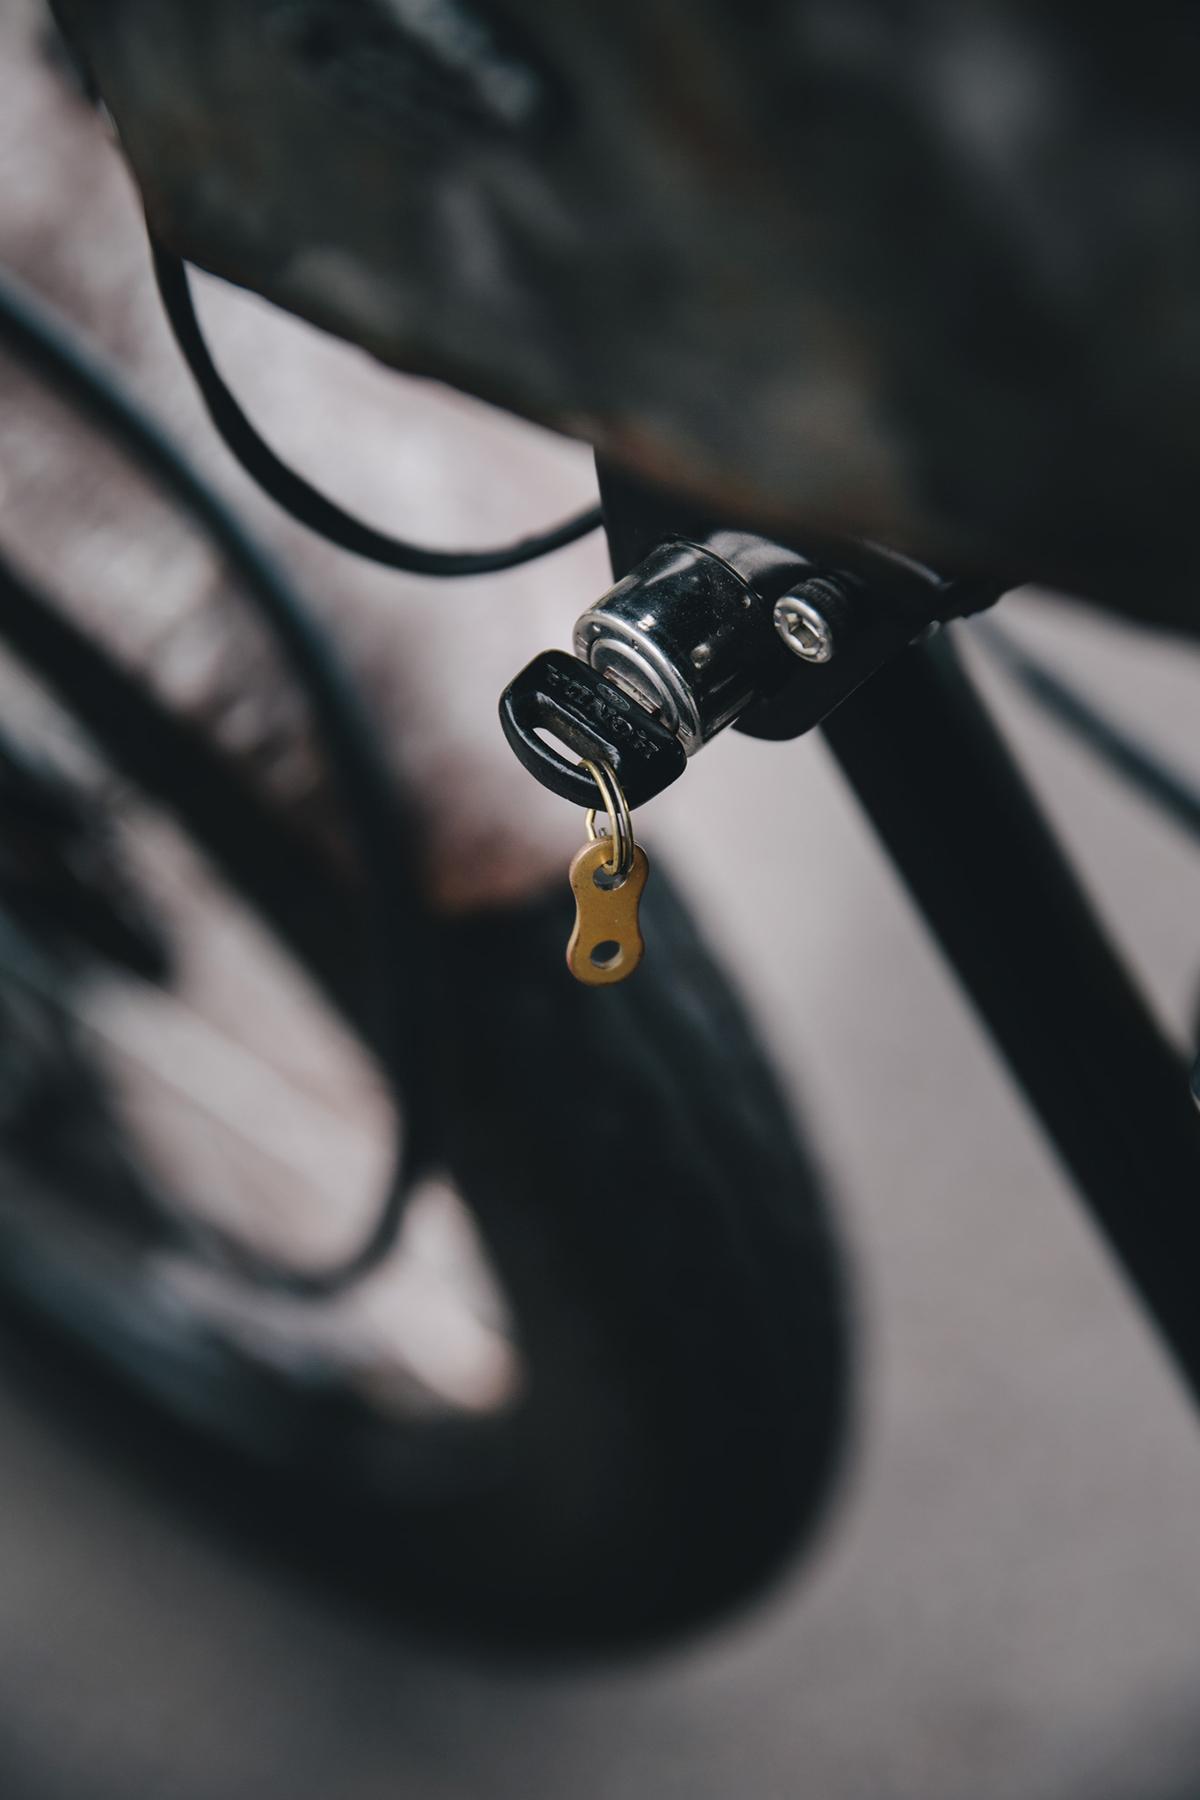 honda_cb125n_deus_bike-28